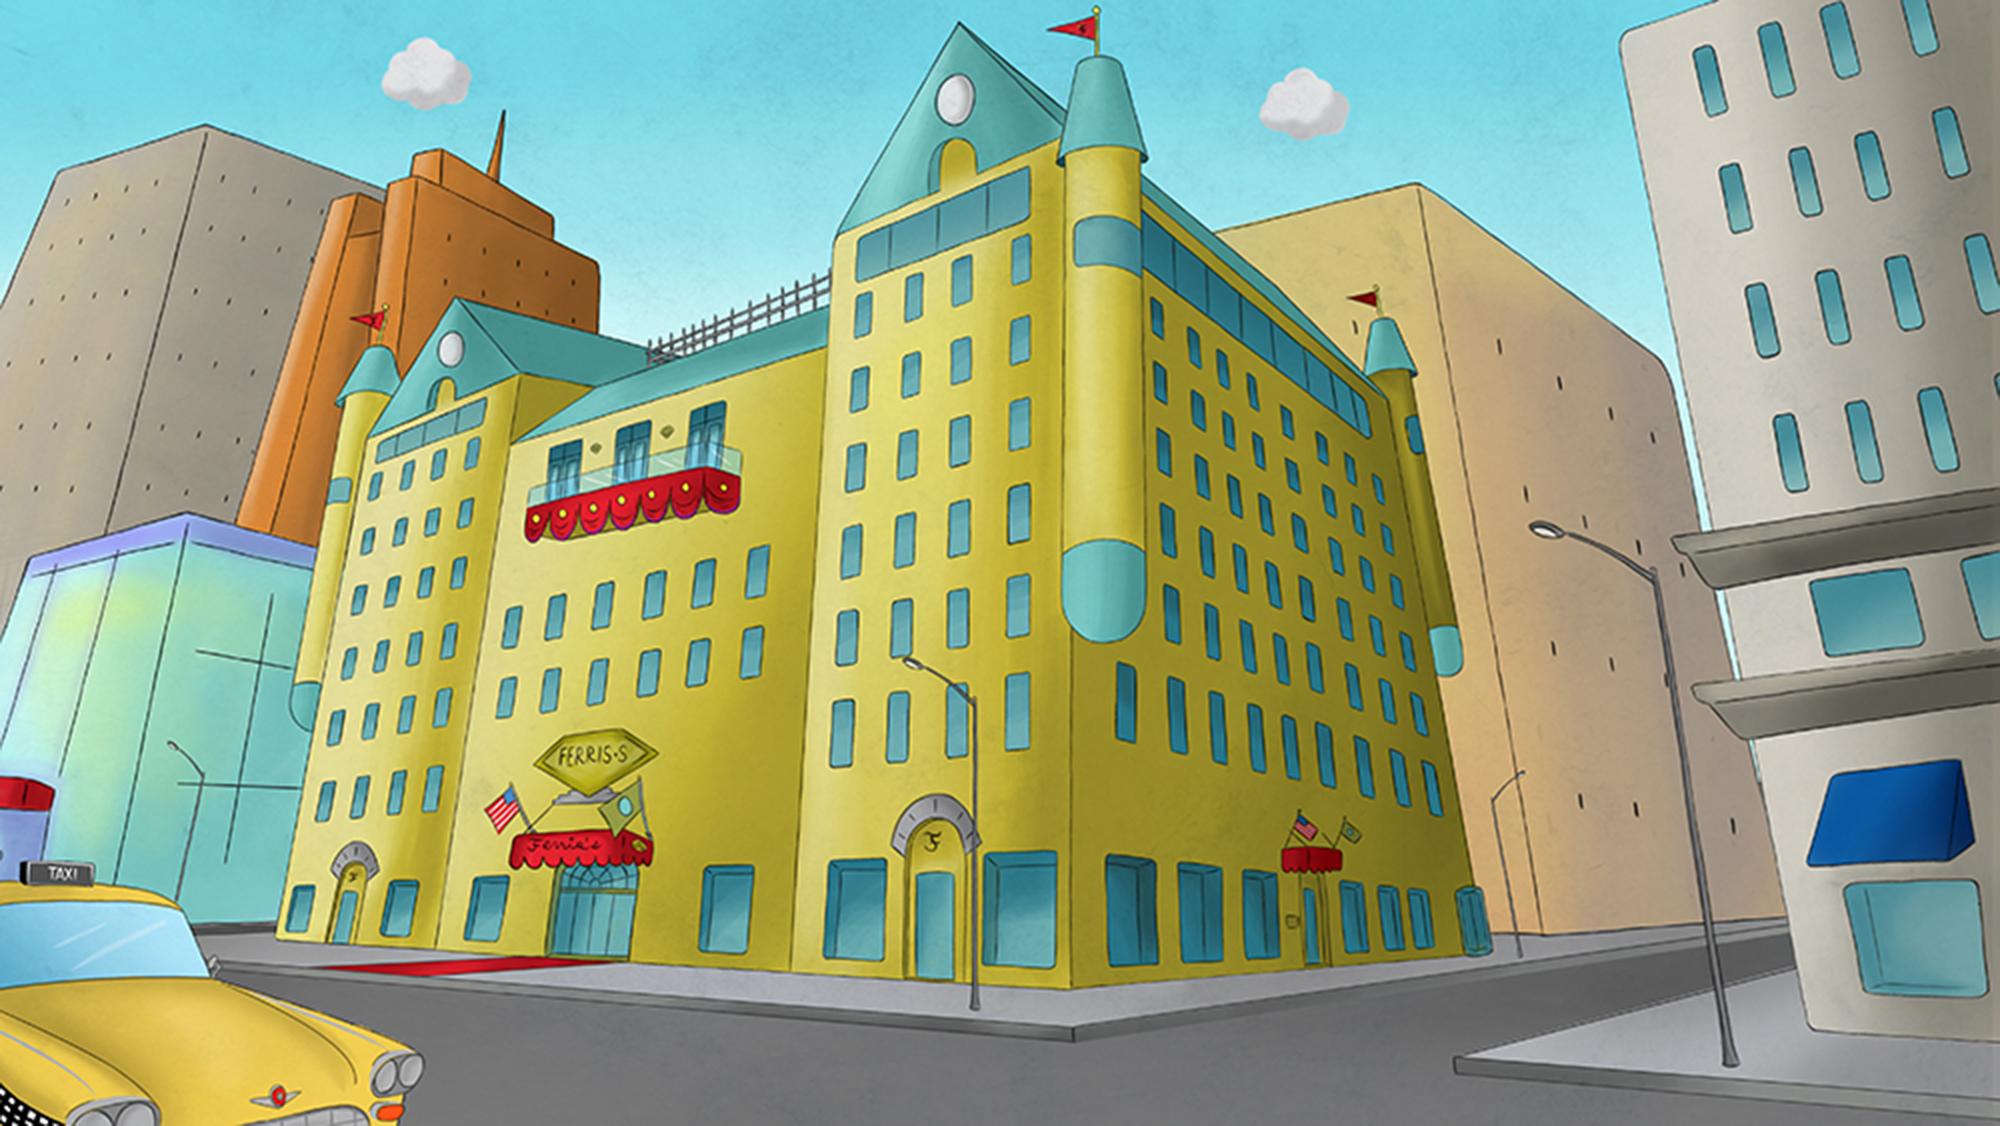 Ferris's Department Store